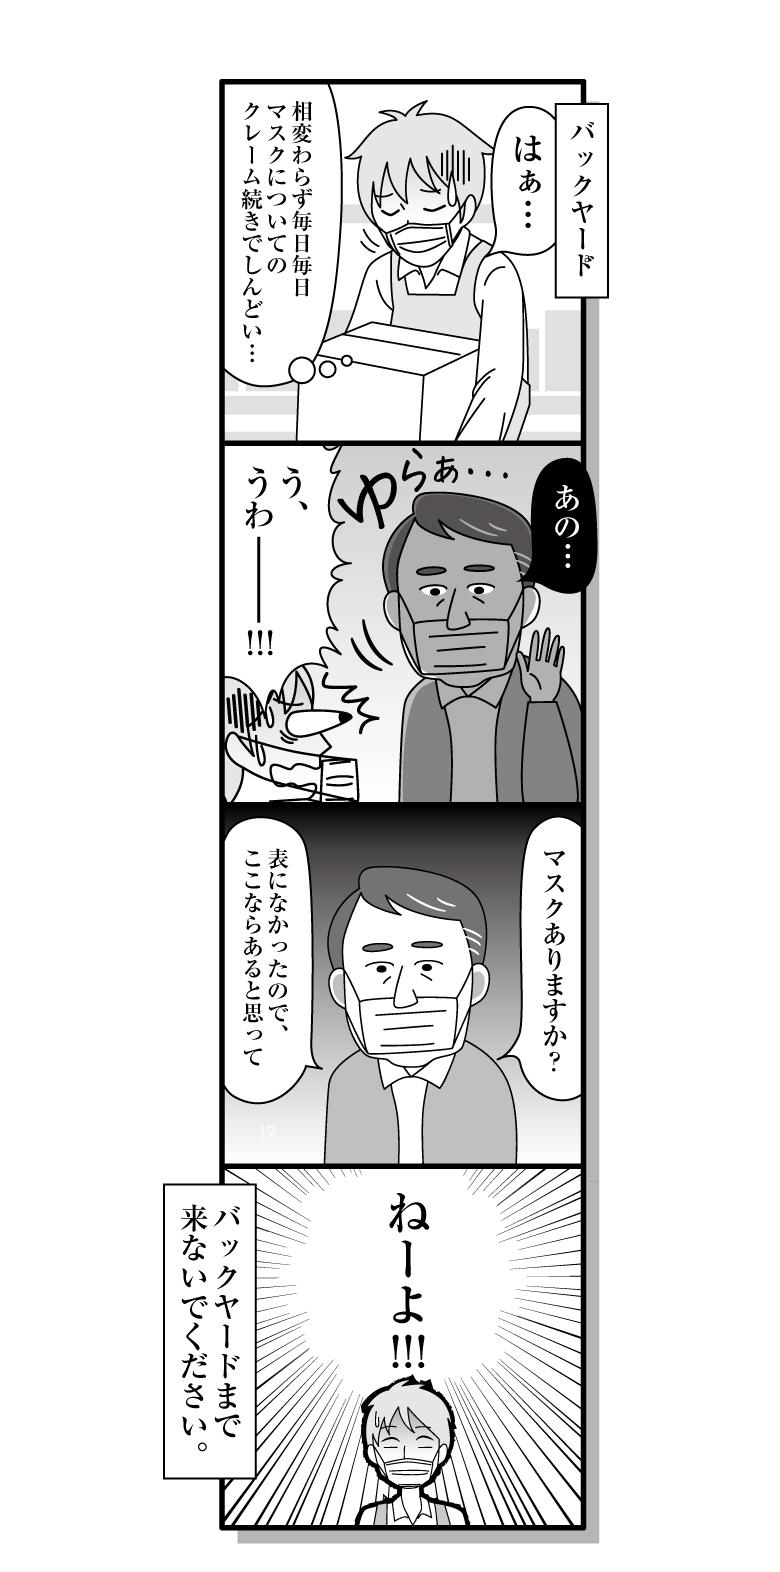 200509_manga